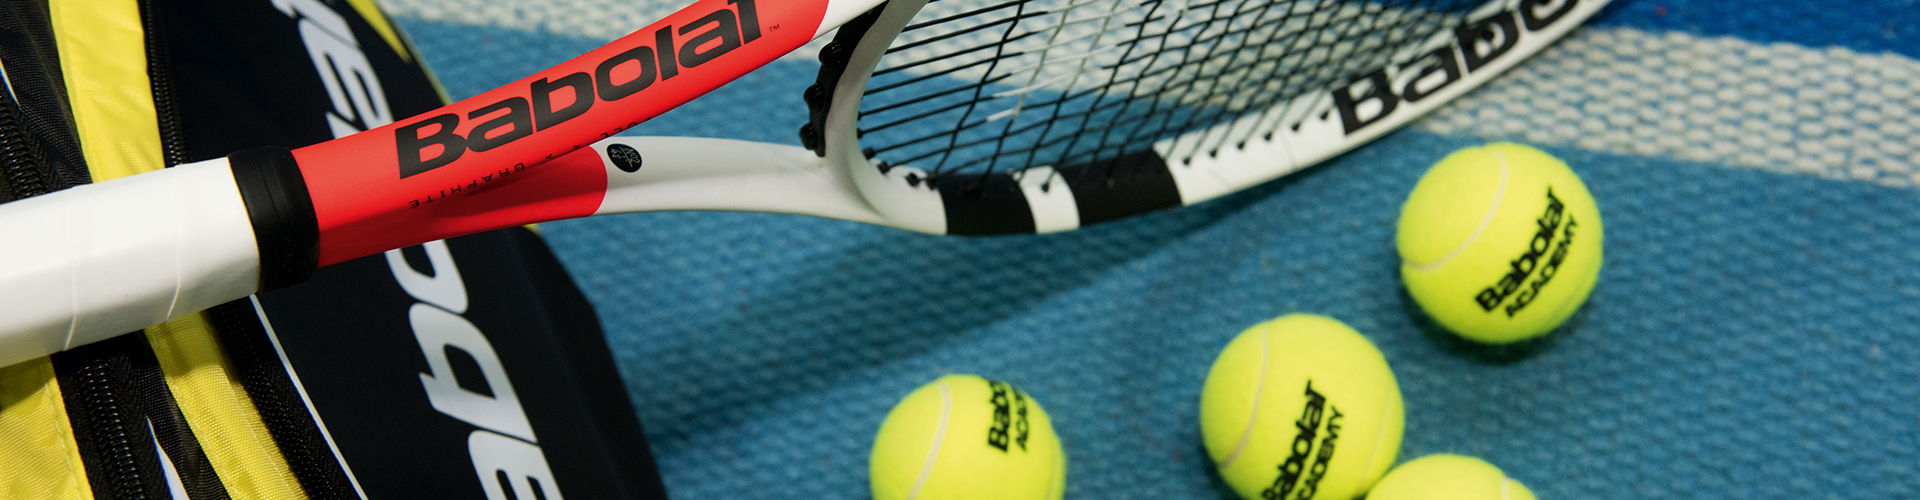 Tennis Halle Schläger